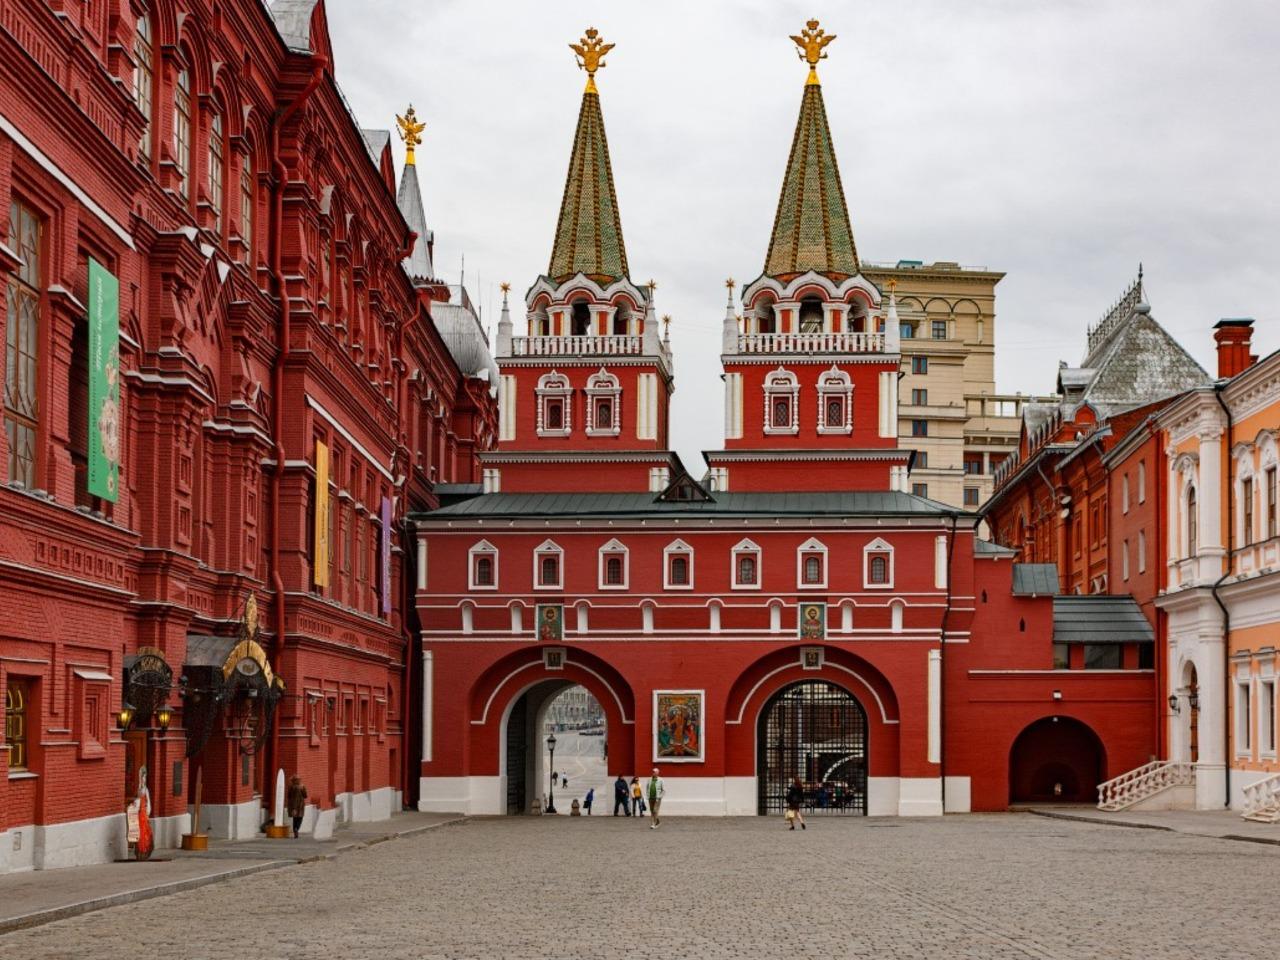 Москва торговая - индивидуальная экскурсия по Москве от опытного гида